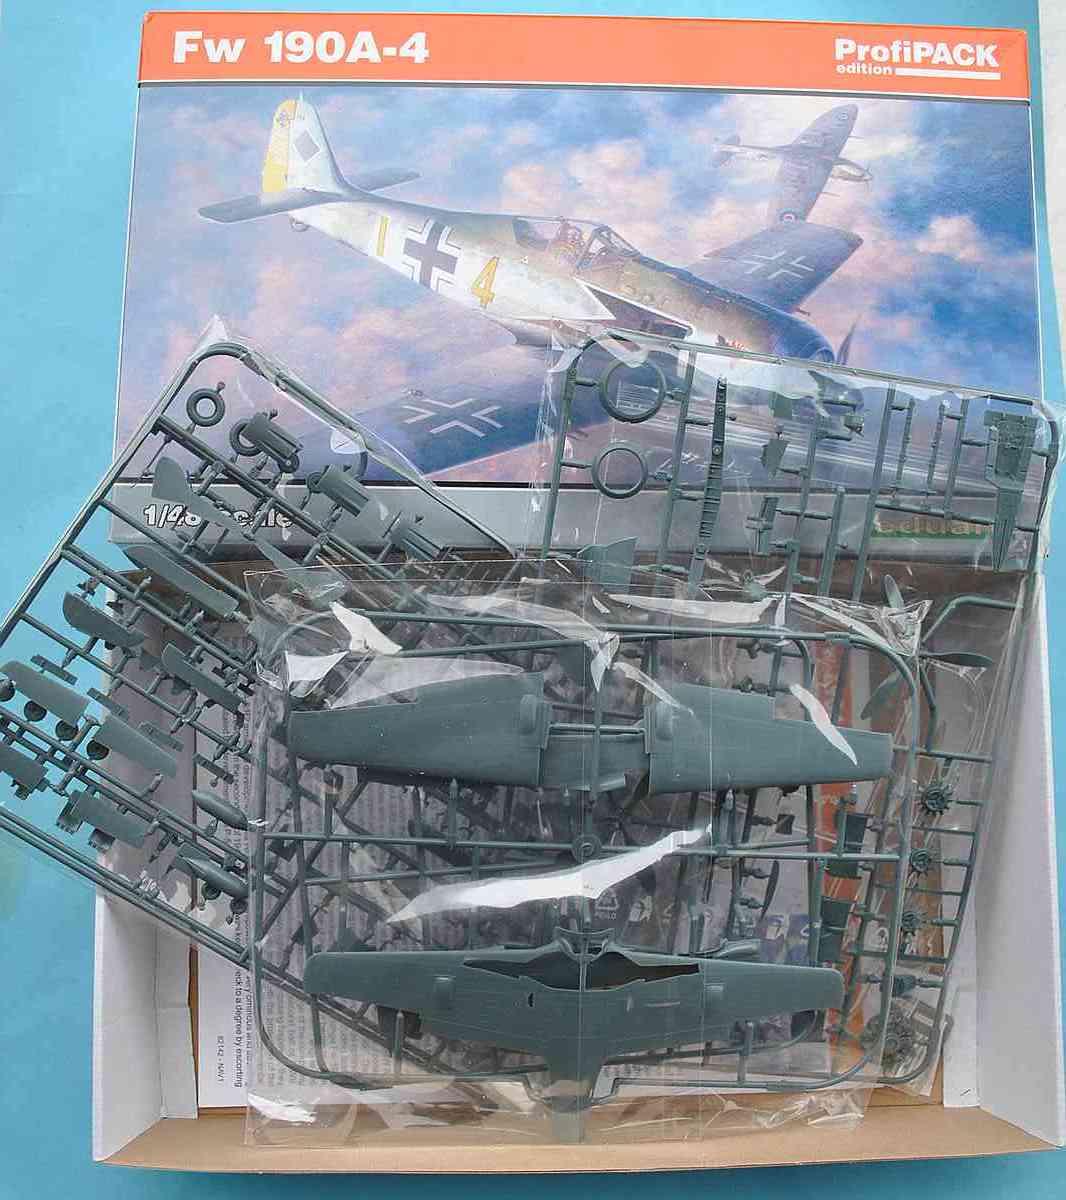 Eduard-82142-FW-190-A-4-Profipack-18 Focke Wulf FW 190 A-4 in 1:48 von Eduard als PROFIPACK-Edition 82142